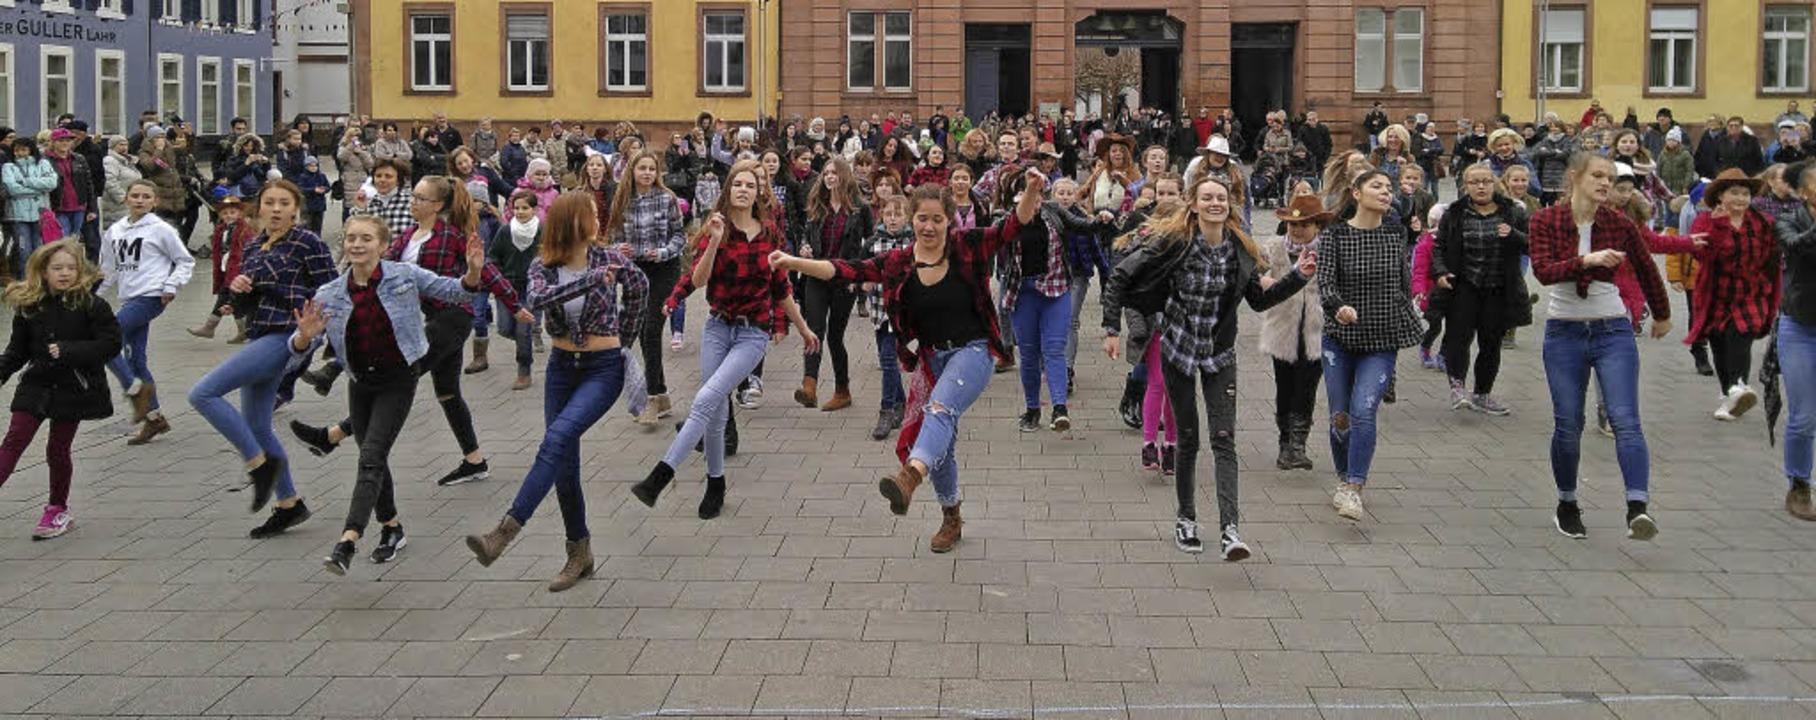 Flashmob footloose  | Foto: hannah Fedricks Zelaya